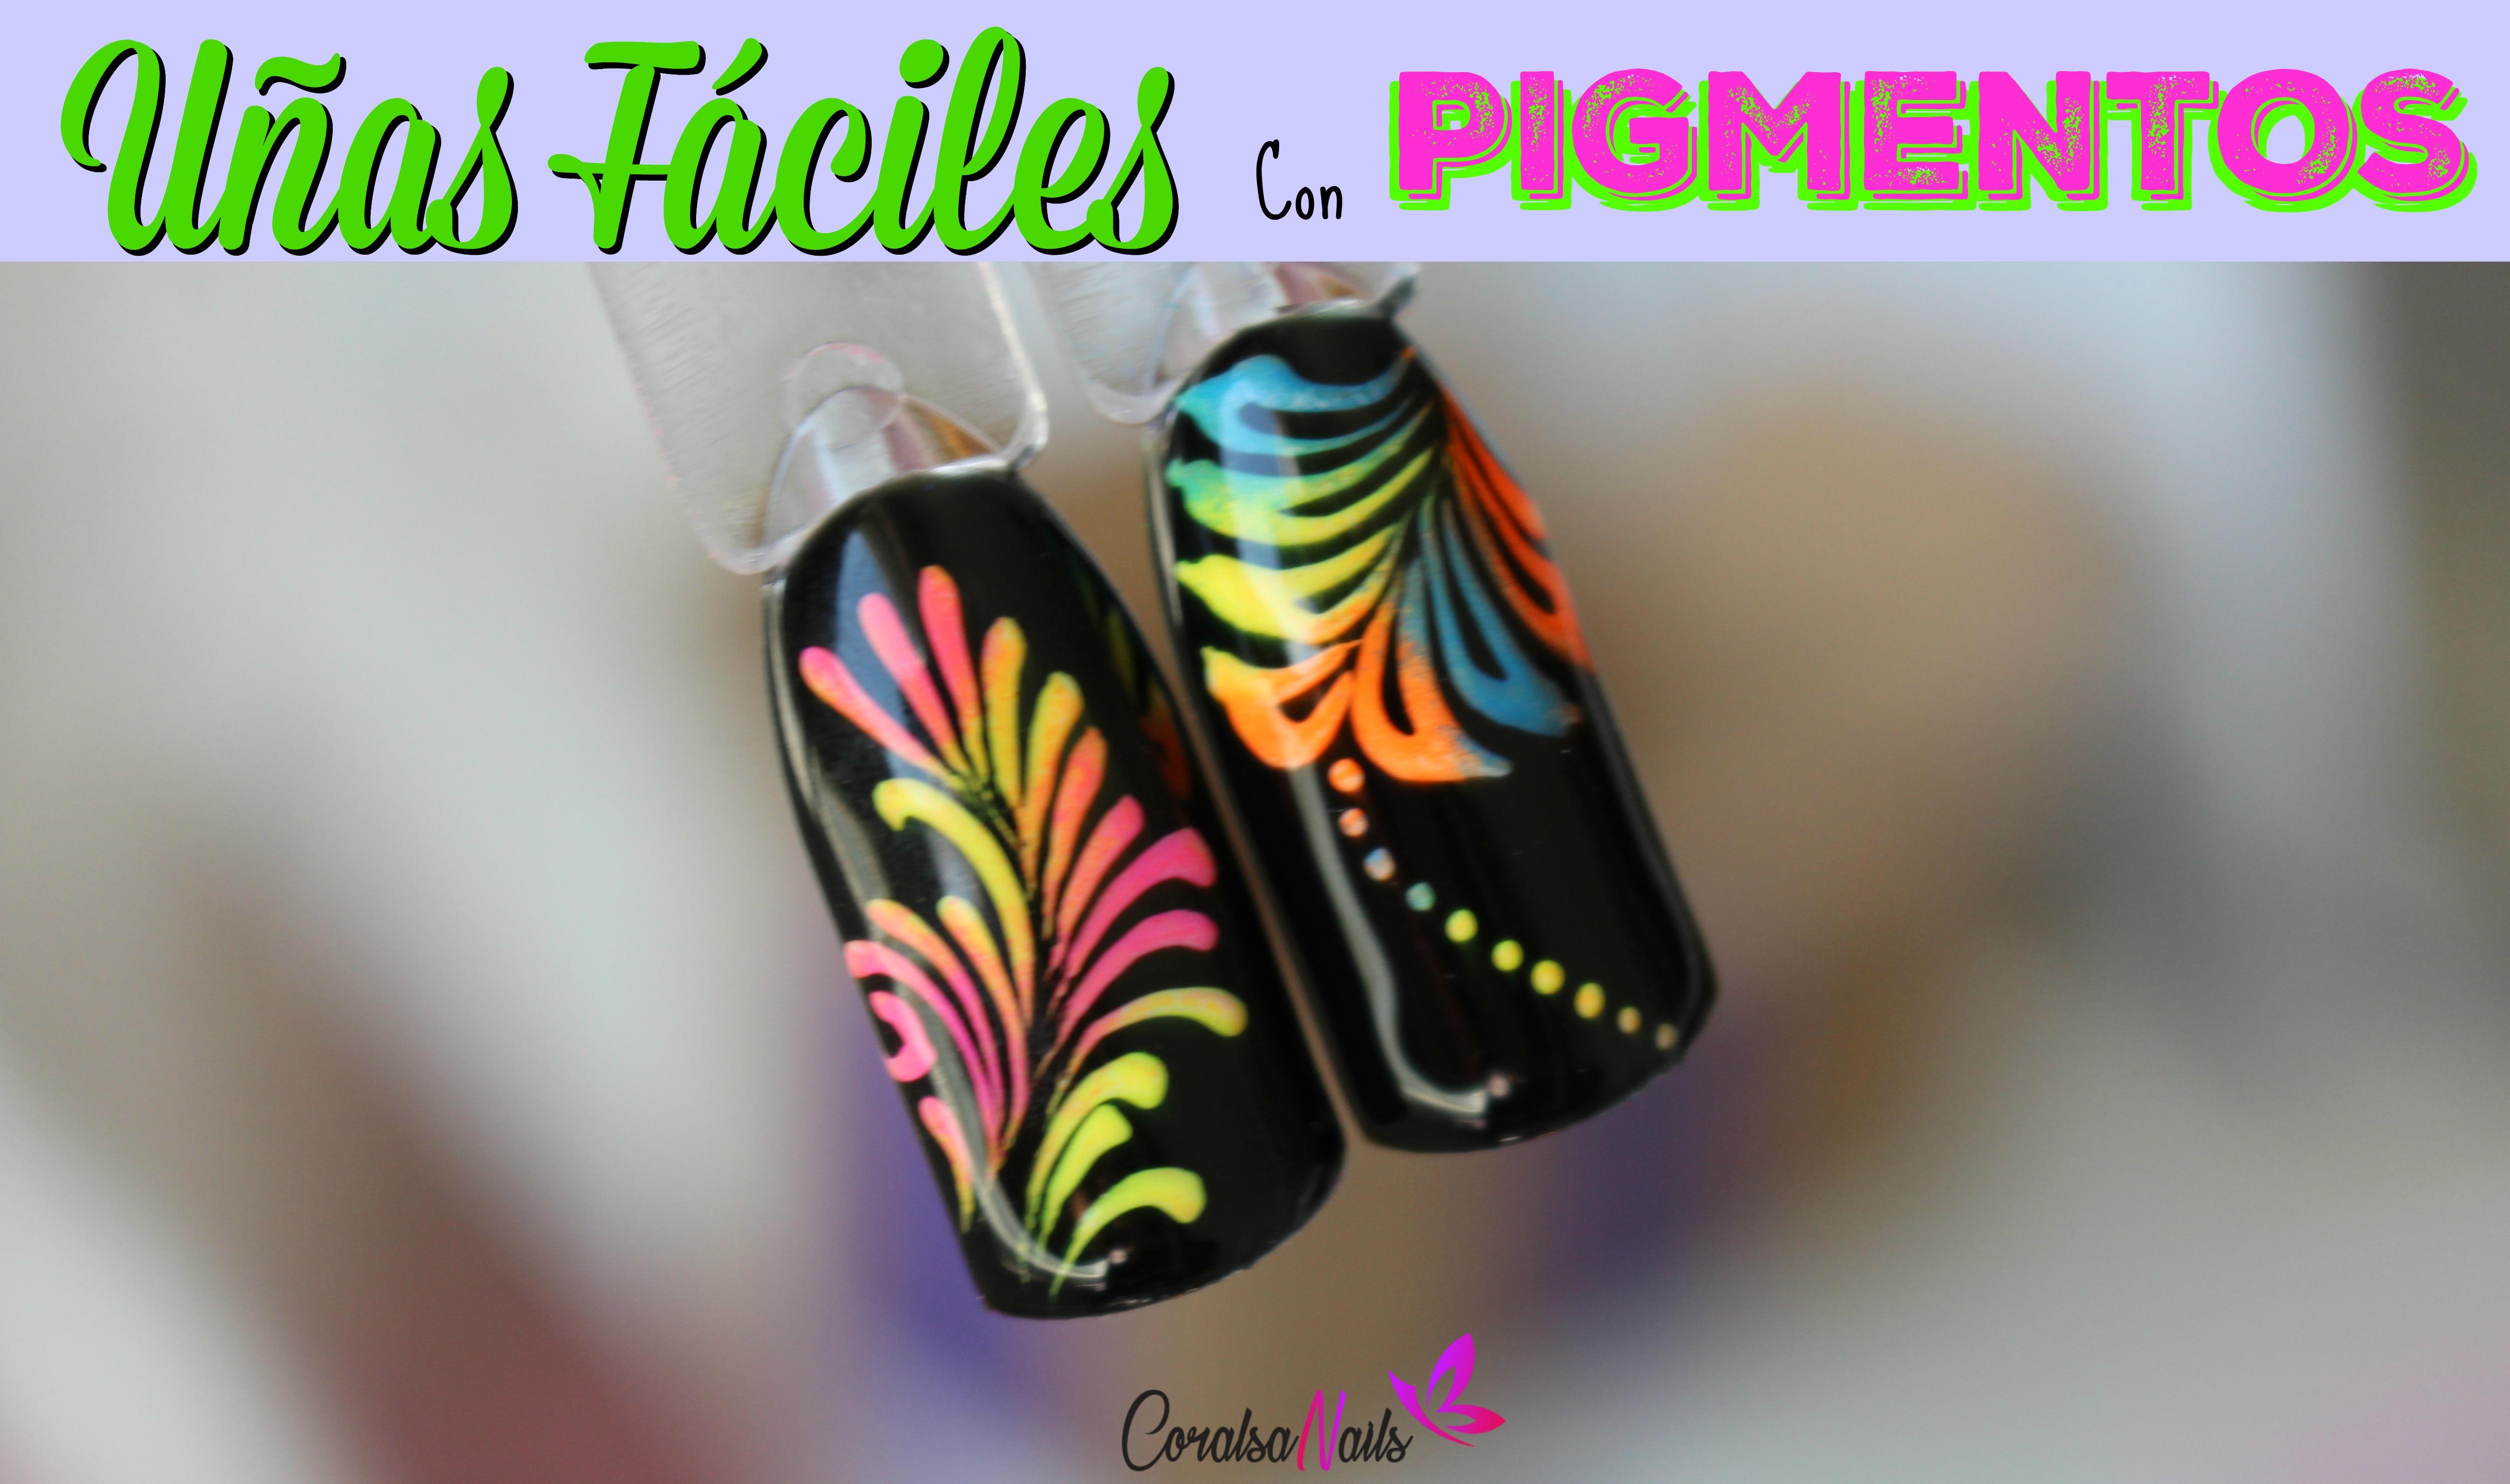 Diseños de Uñas Fáciles con Pigmentos